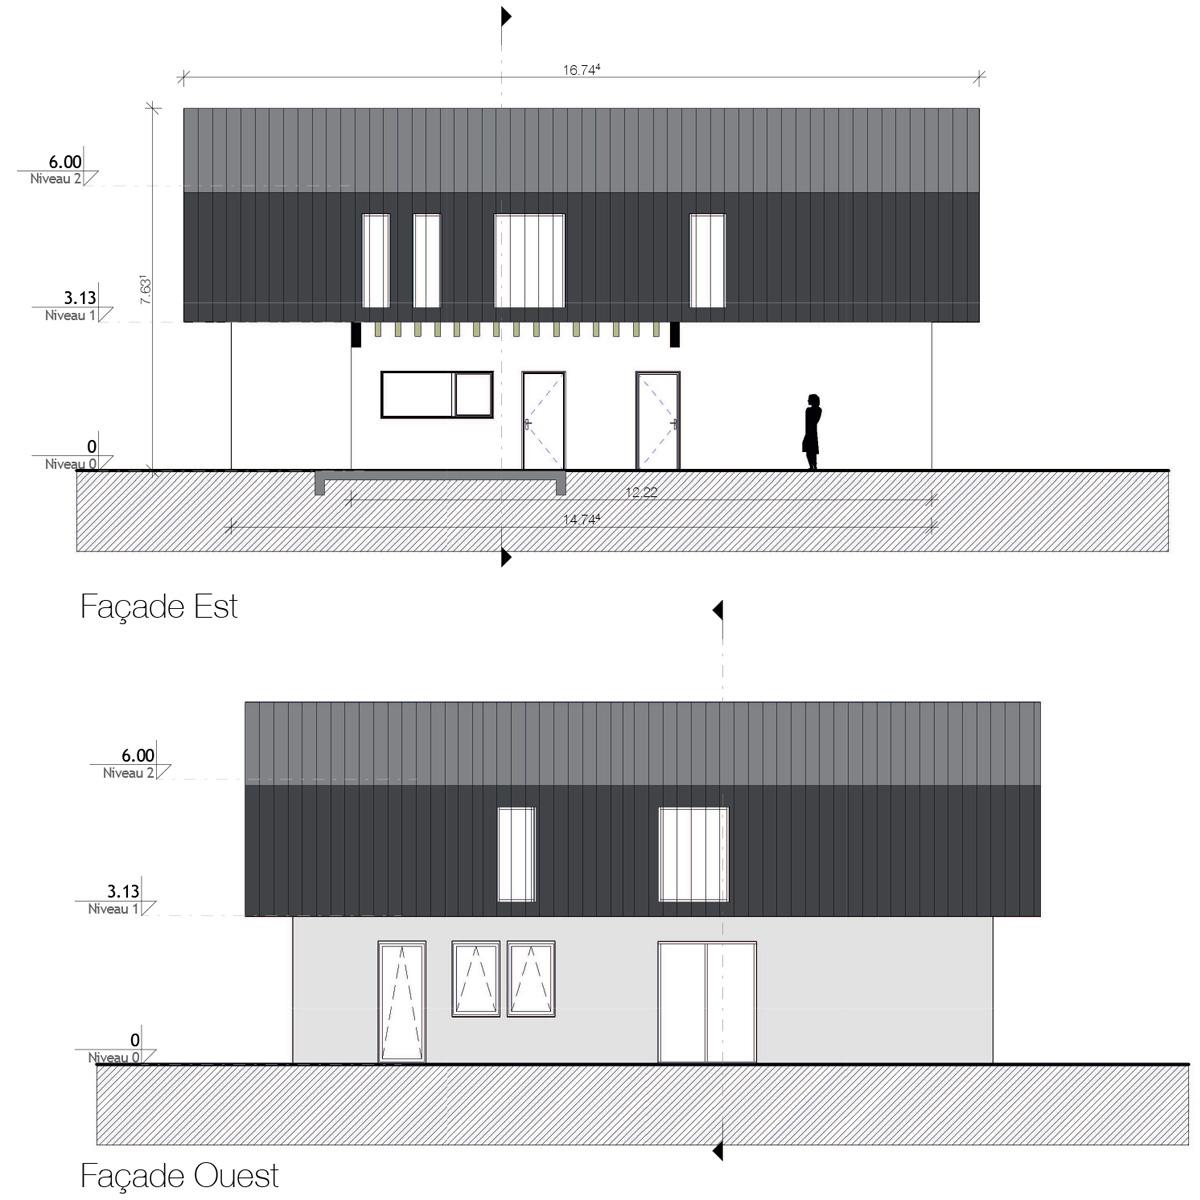 Maison-contemporaine-architecte-Lyon-Facades-baie-vitree-volume-noir-et-blanc